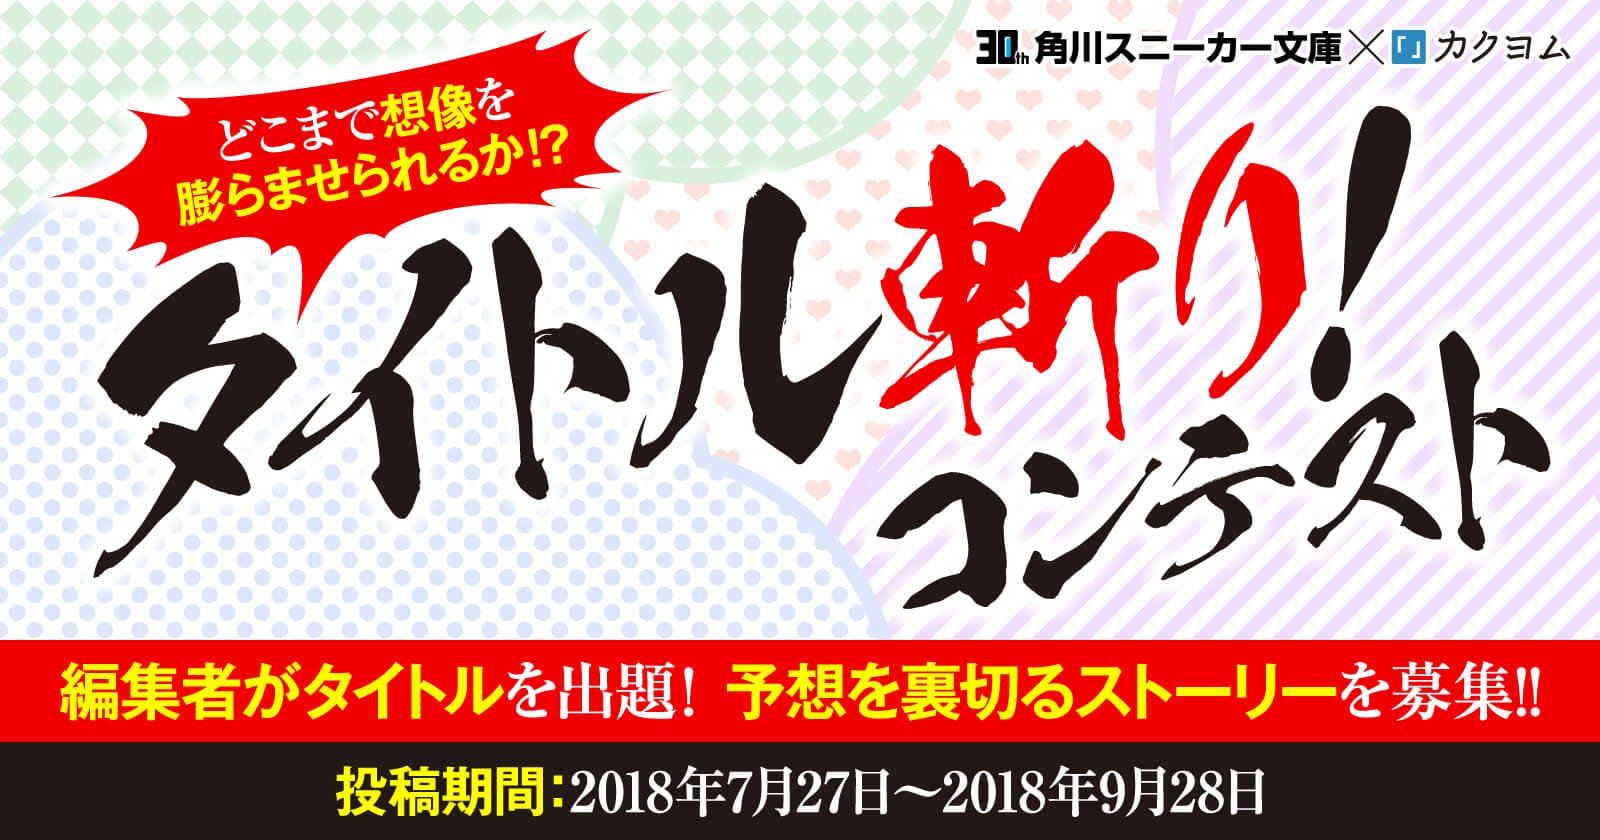 スニーカー文庫《タイトル斬り!!》コンテスト